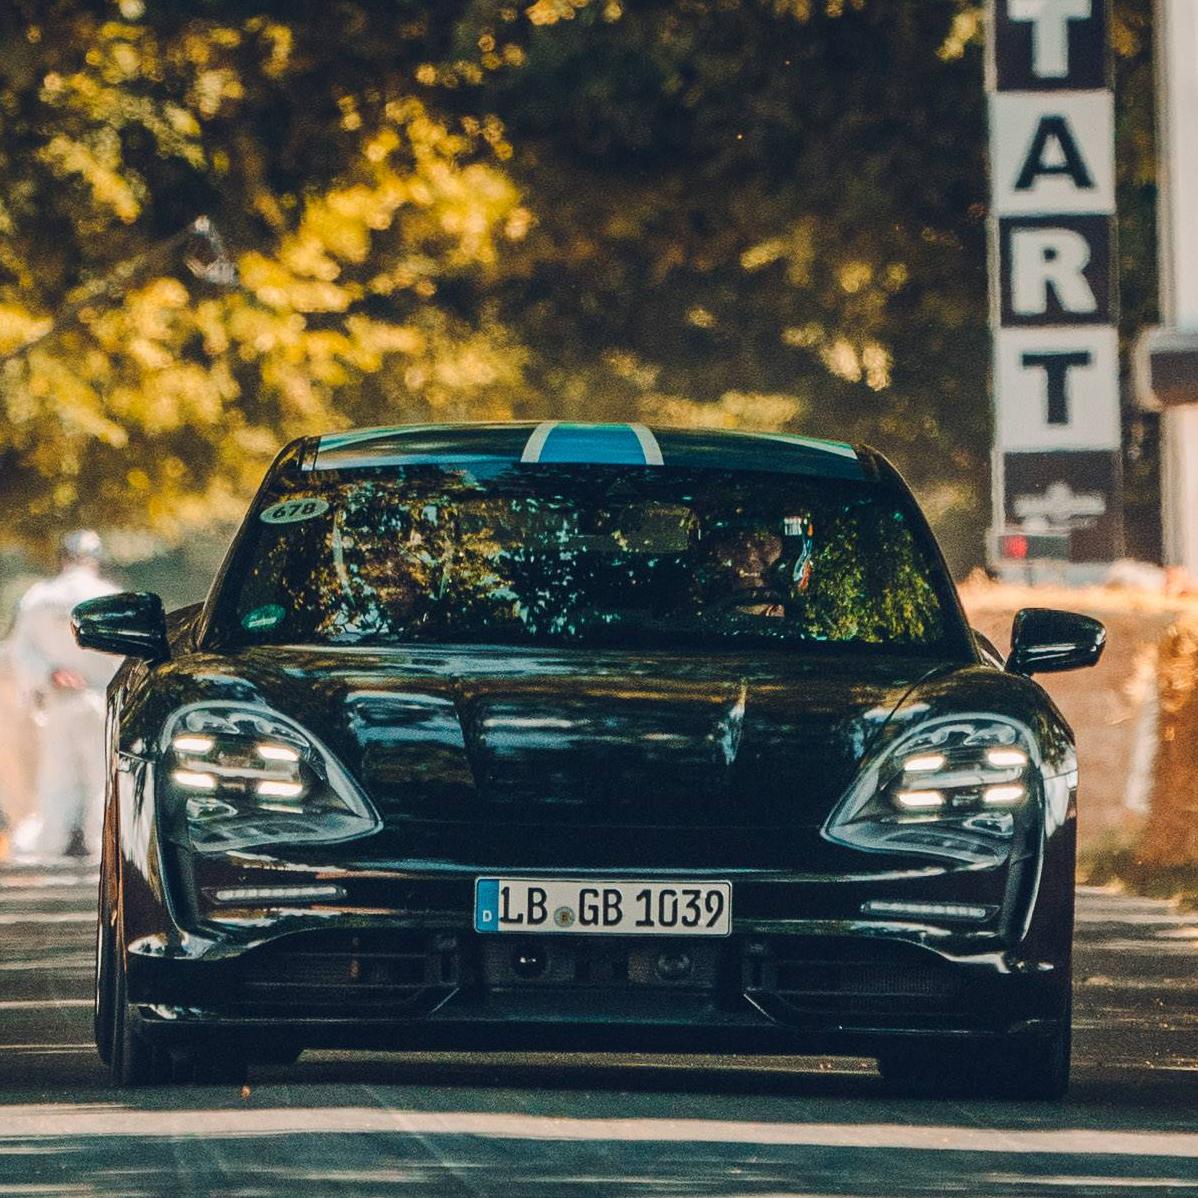 超過 600 匹馬力!Porsche Taycan 全新純電跑車今年 9 月全球首演登場